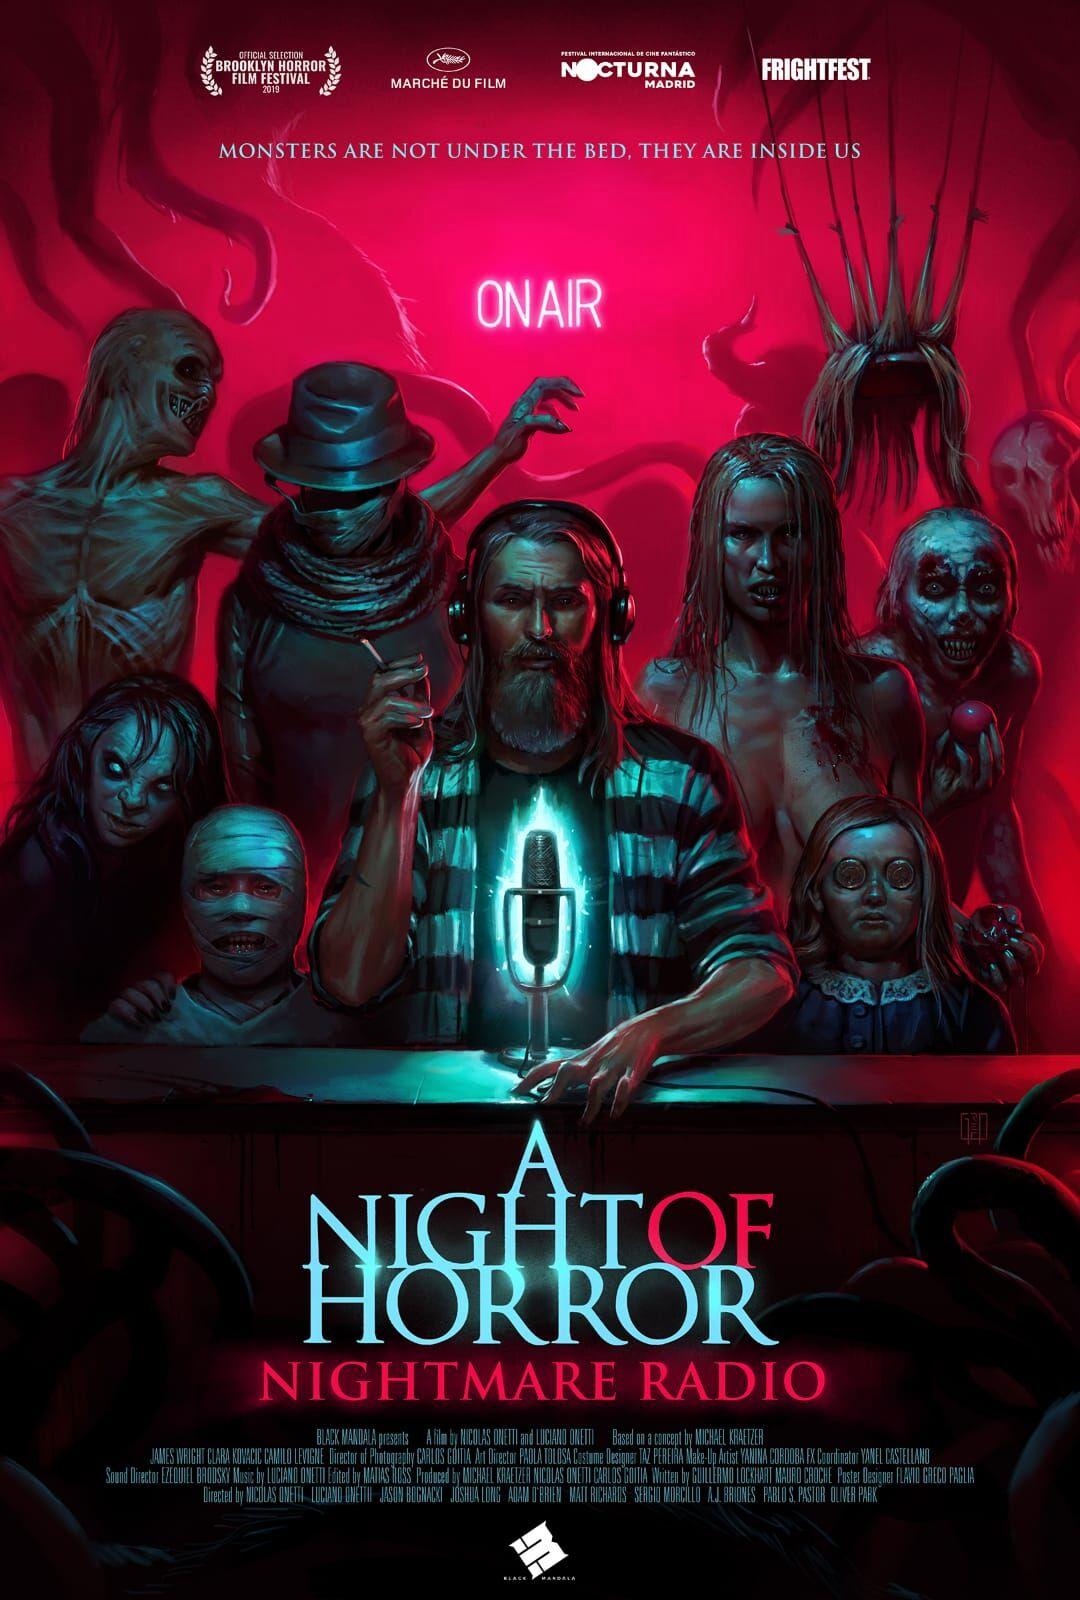 Terror, buen rollo y pasión por el cine con el equipo de 'Gotas', proyecto que forma parte de la antología 'A Night of Horror Nightmare Radio'